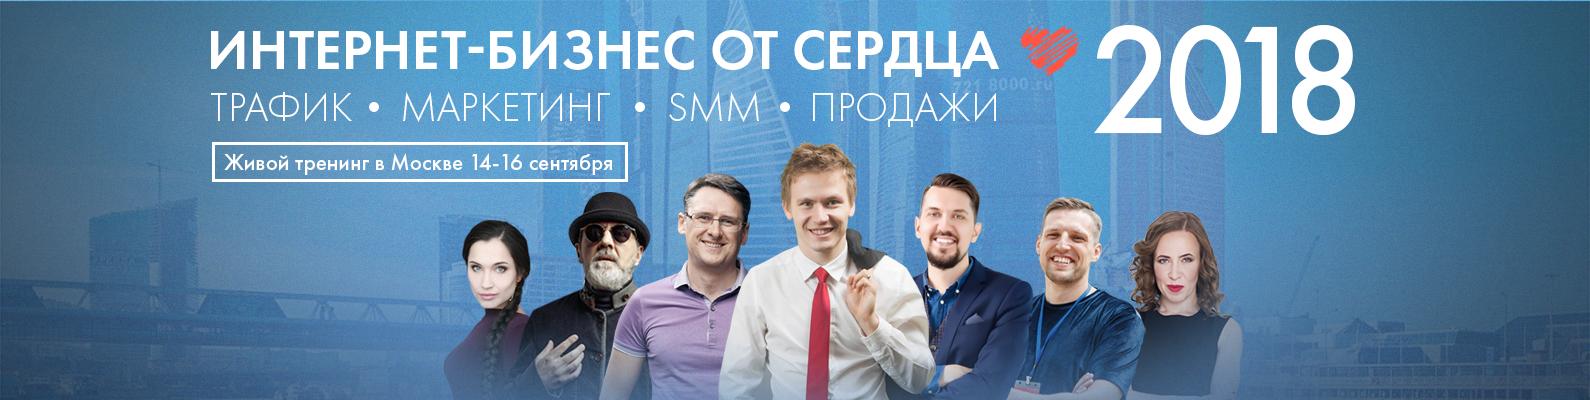 живой тренинг в москве